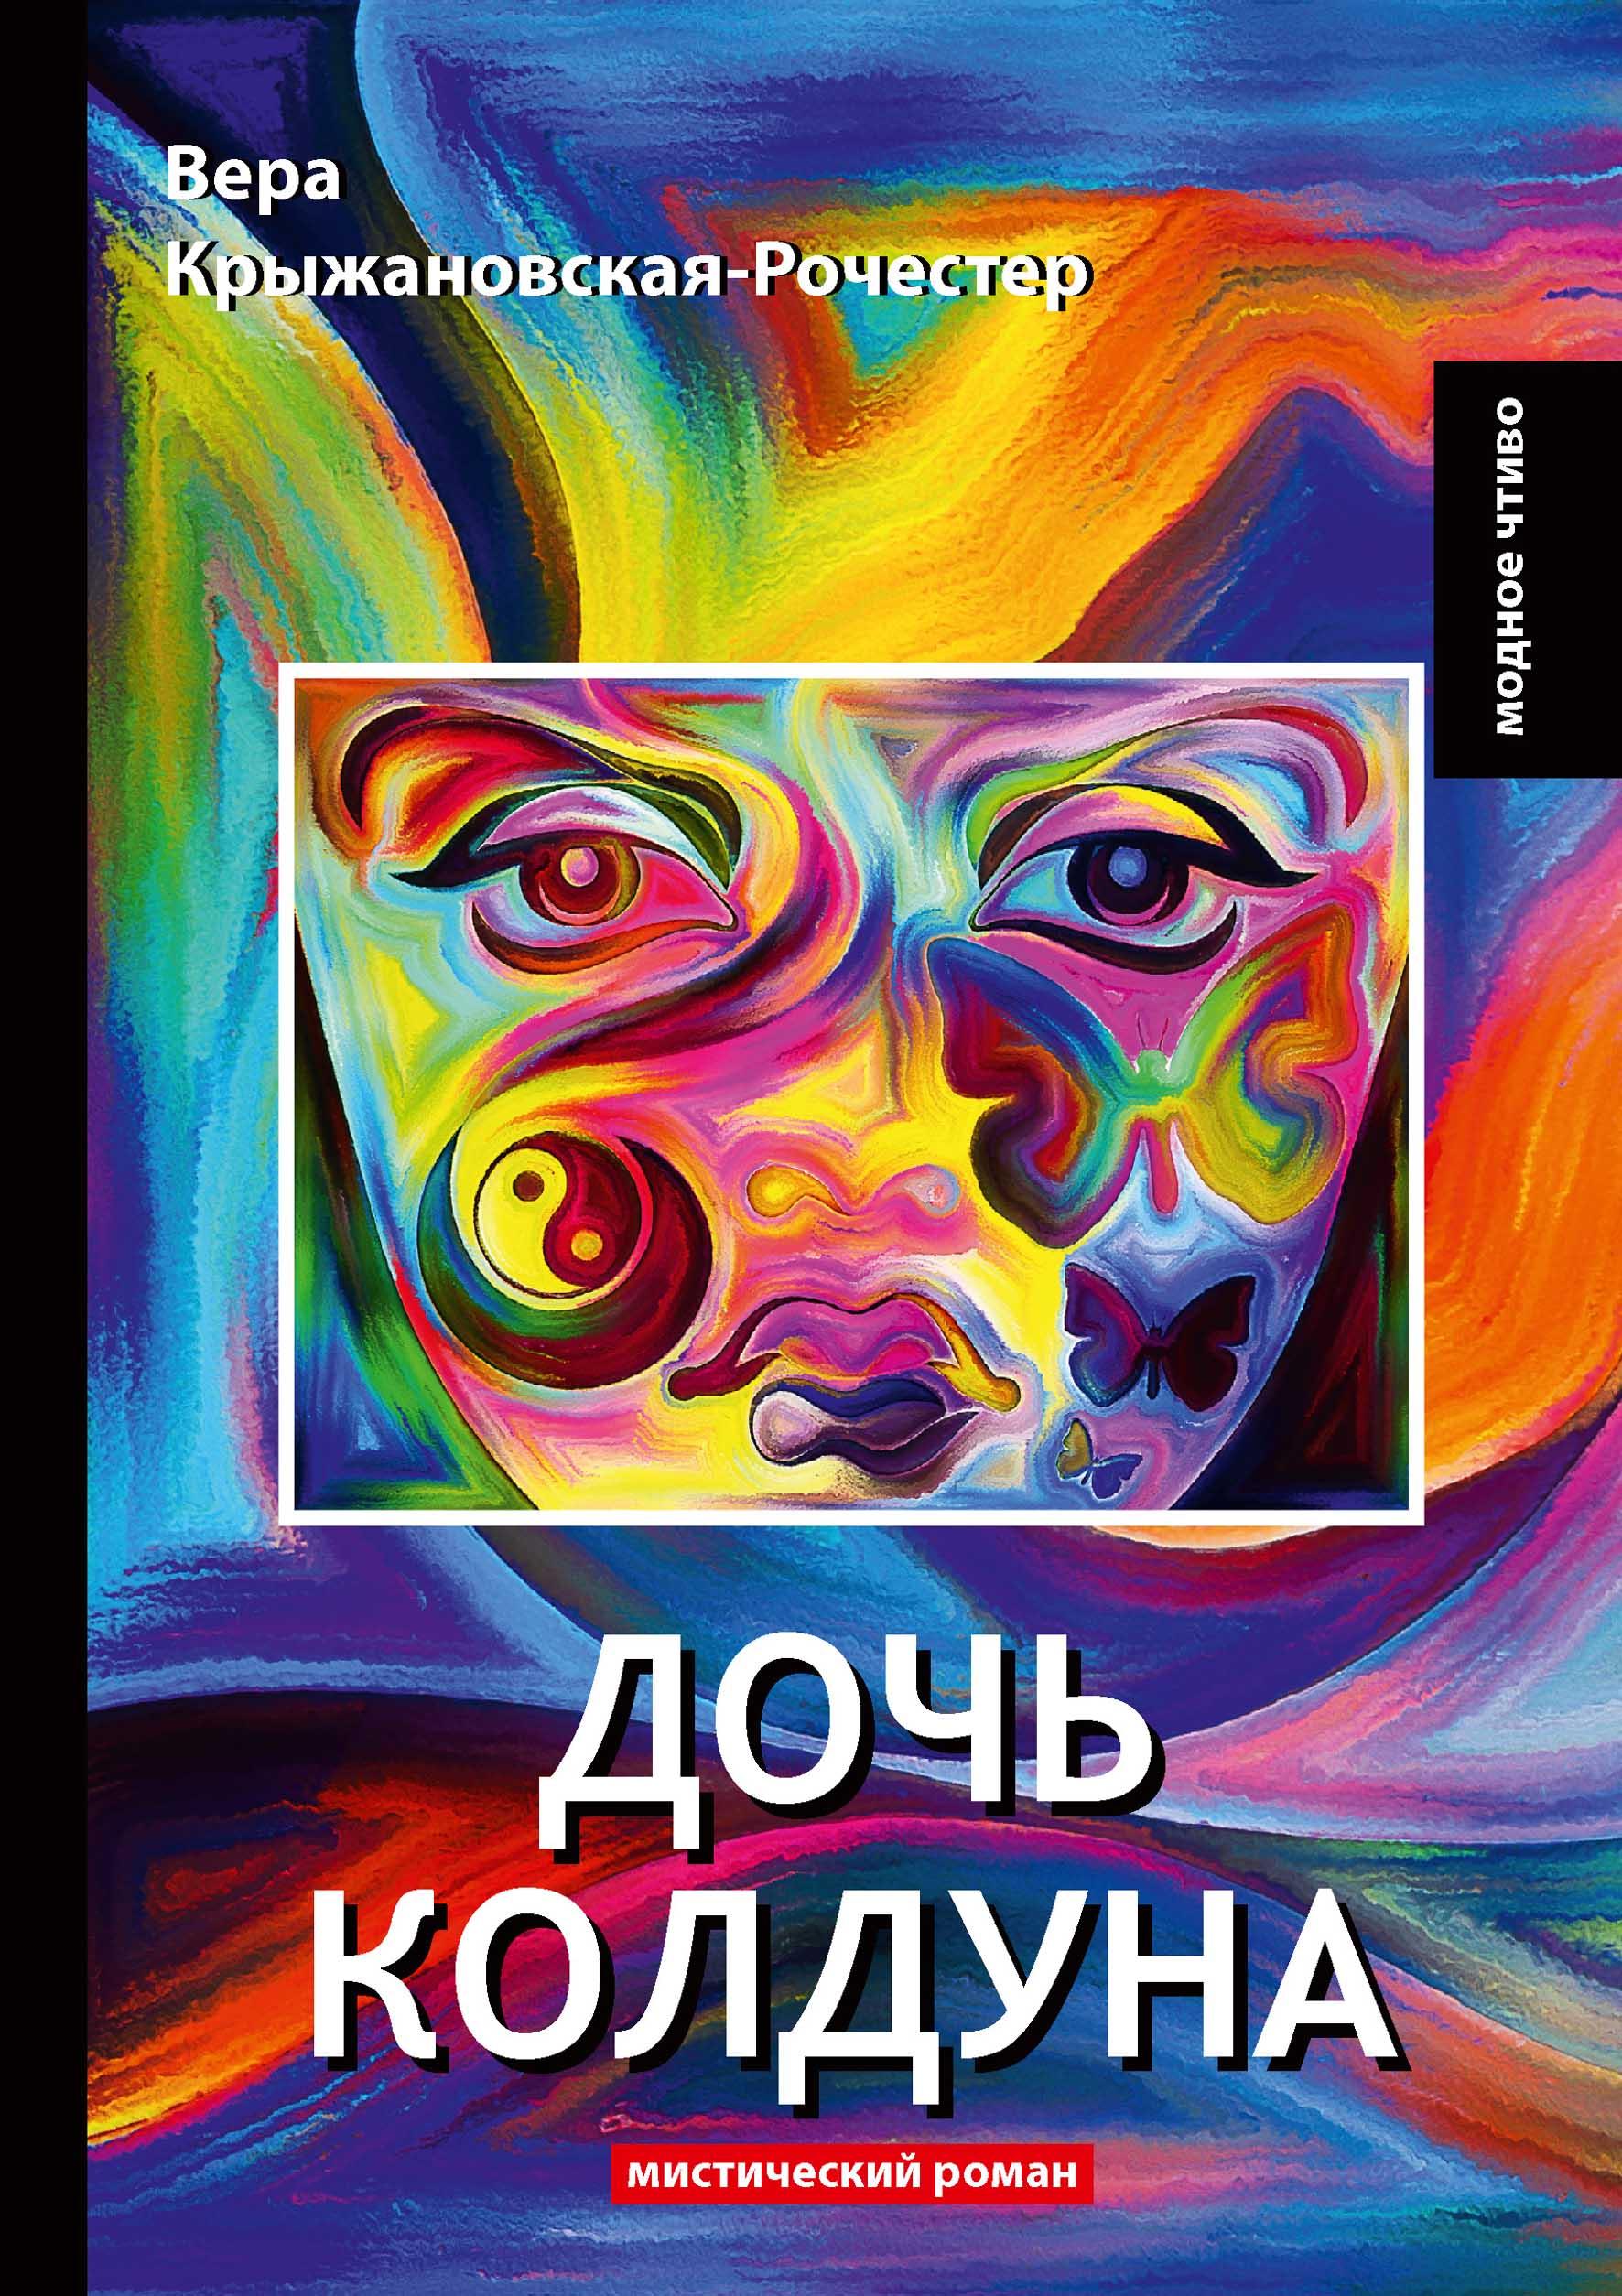 Zakazat.ru: Дочь колдуна. Вера Крыжановская-Рочестер